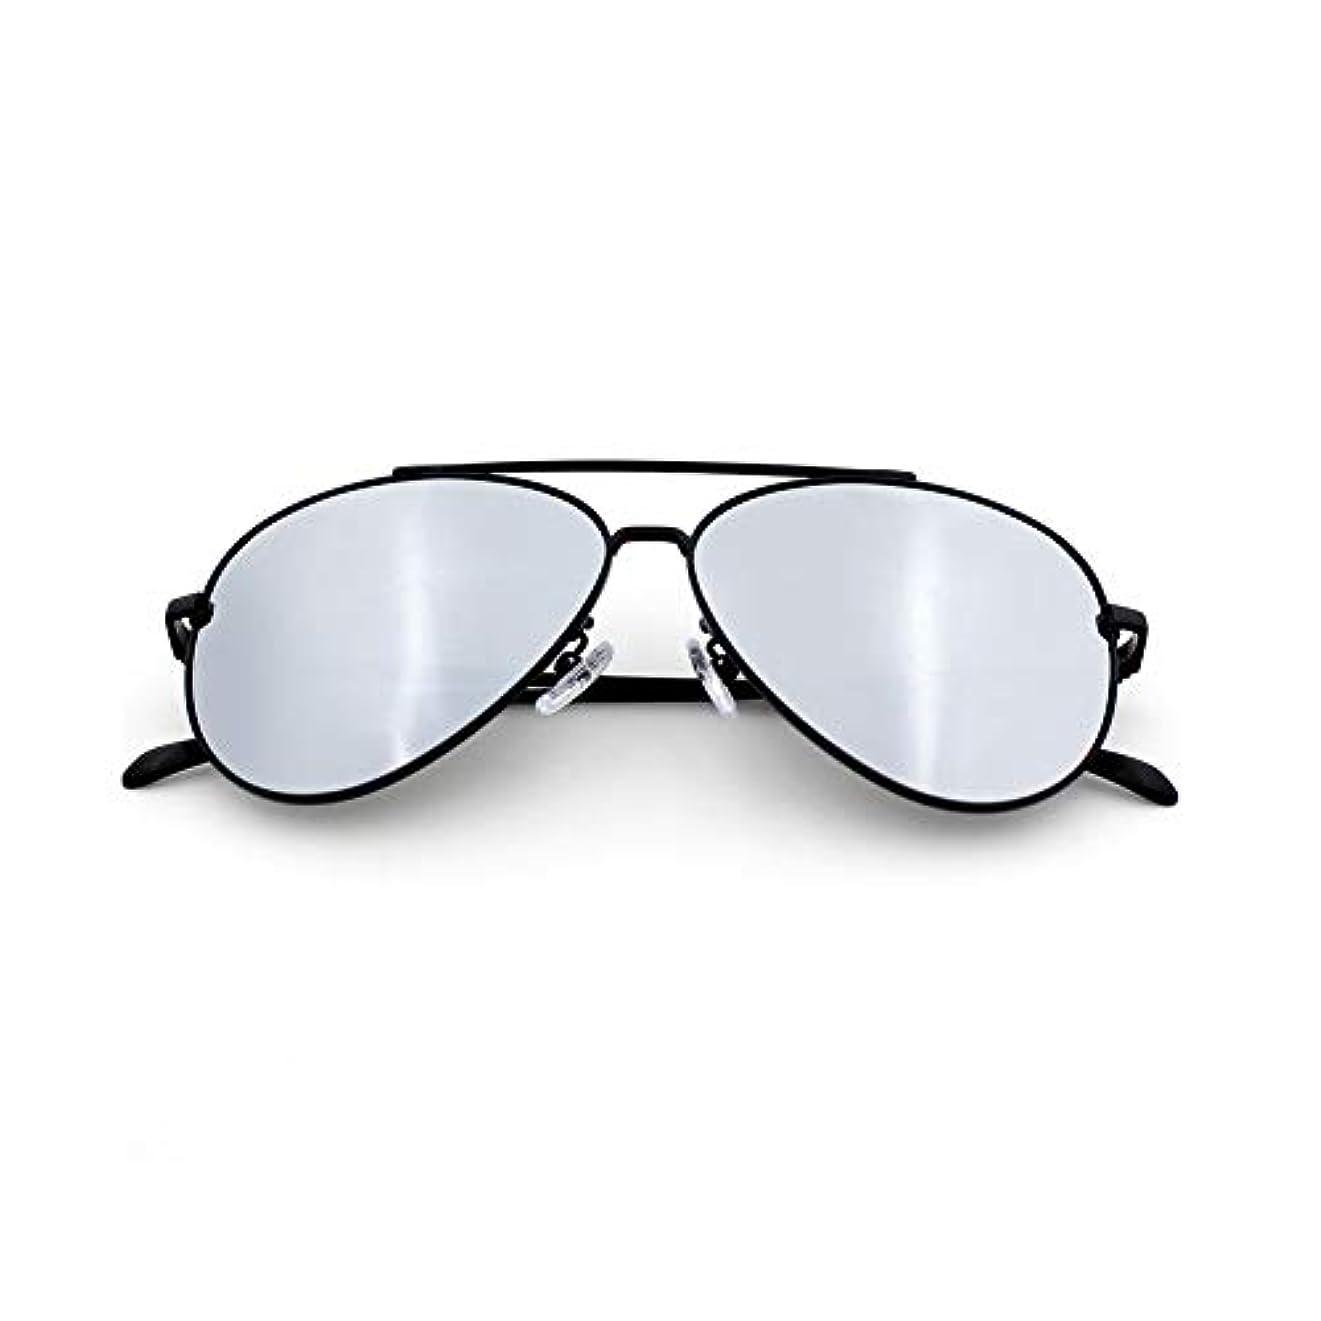 早める規定キャンドル偏光サングラス紫外線保護メンズ運転特別なメガネラインカラーフィルムサングラスHD偏光ファッションと機能